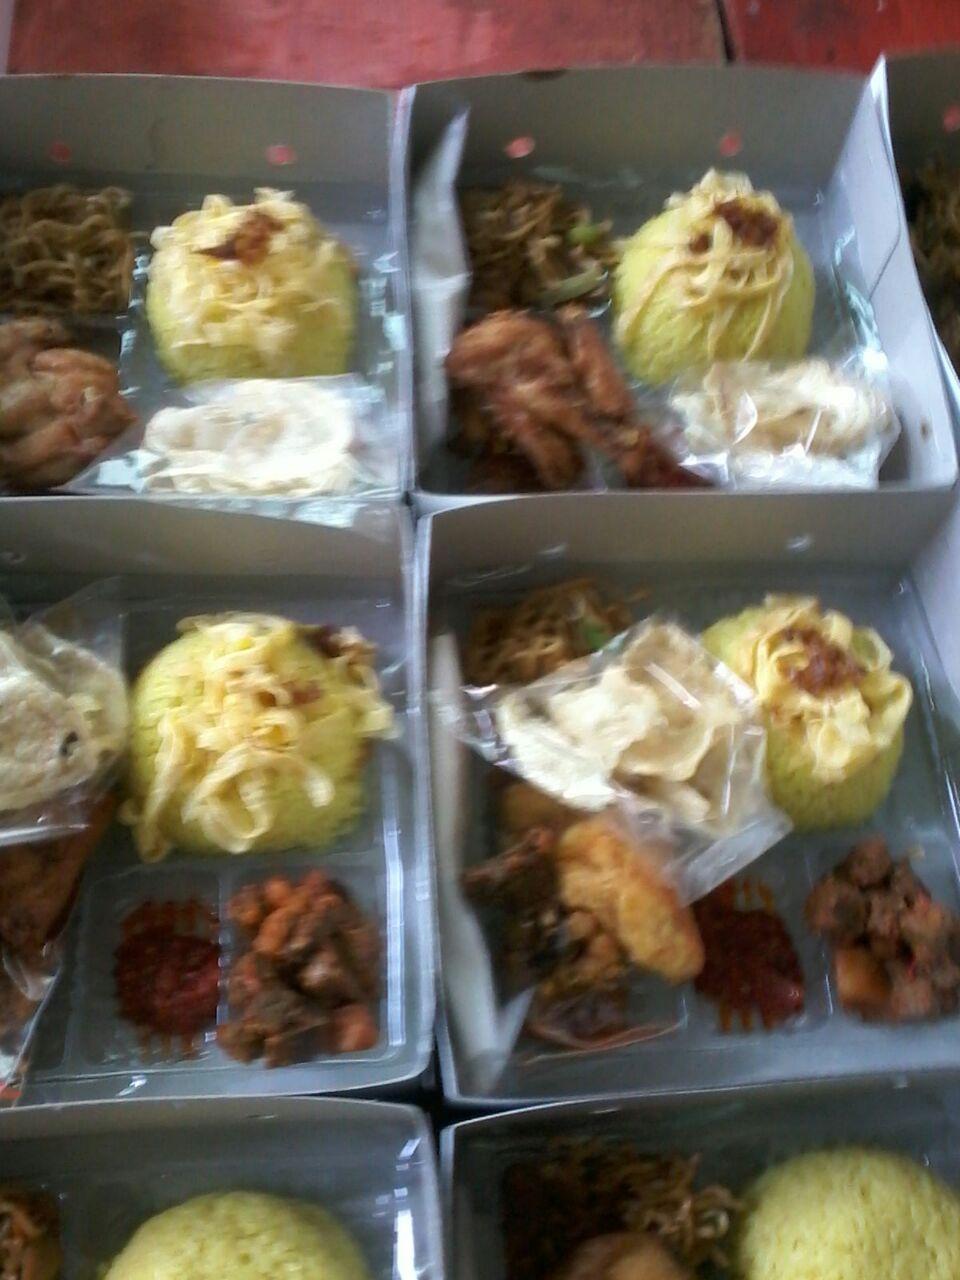 Pesan nasi box di cempaka putih